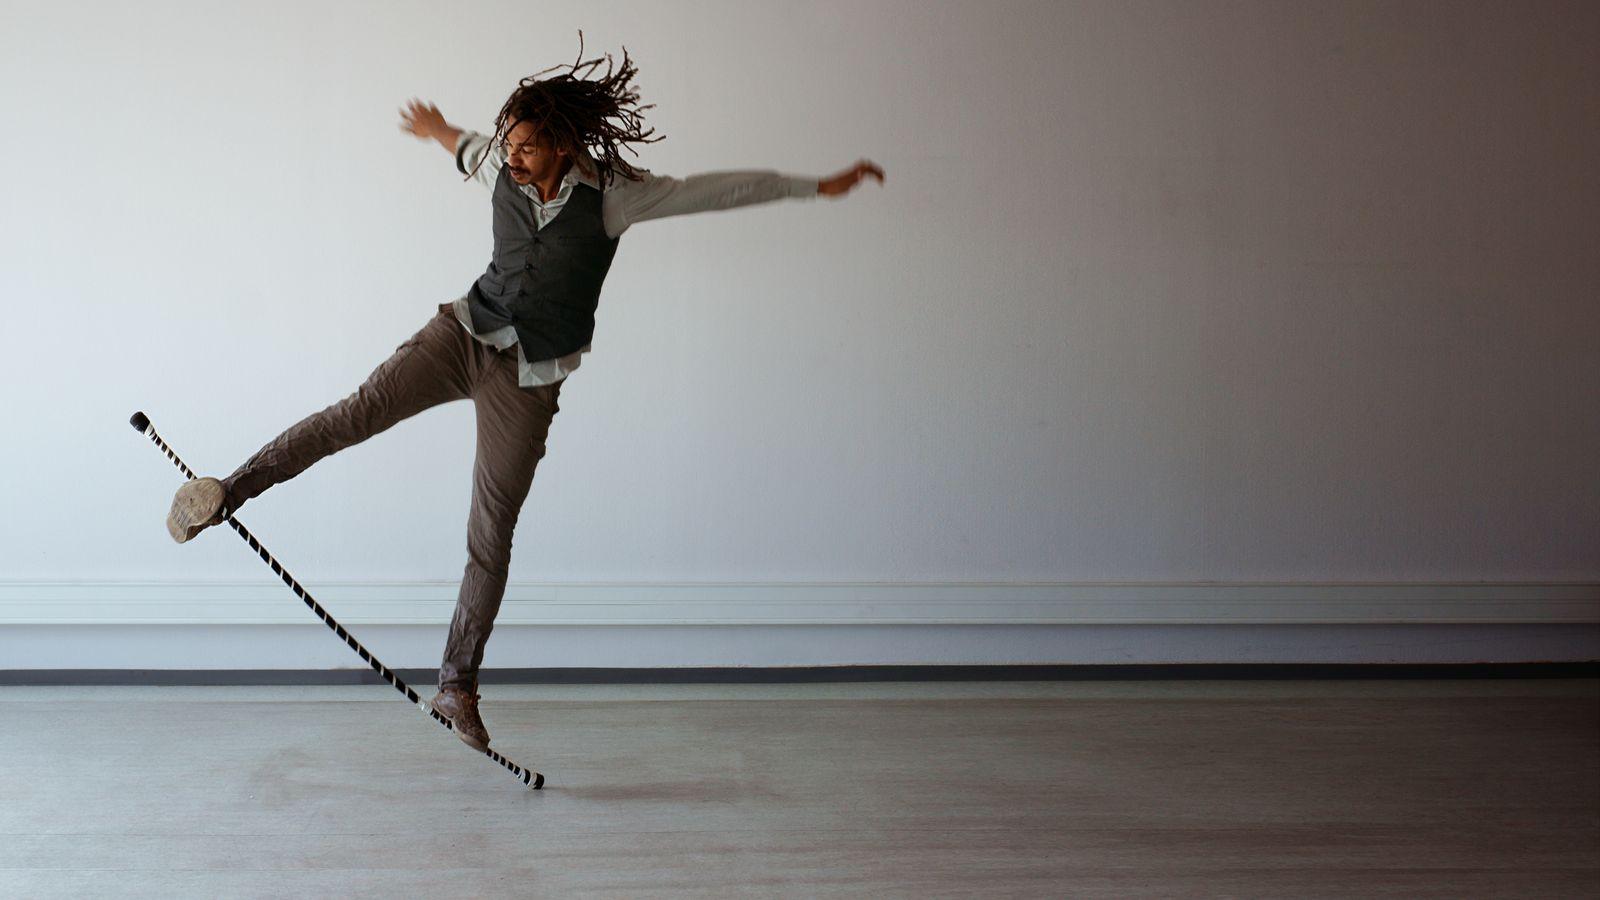 Jean-Souleymane fait du surf sur son acrostaff dans la cuisine d'une ancienne école de danse à Villeurbanne. Le staff se courbe sous le poids de l'acrobate.